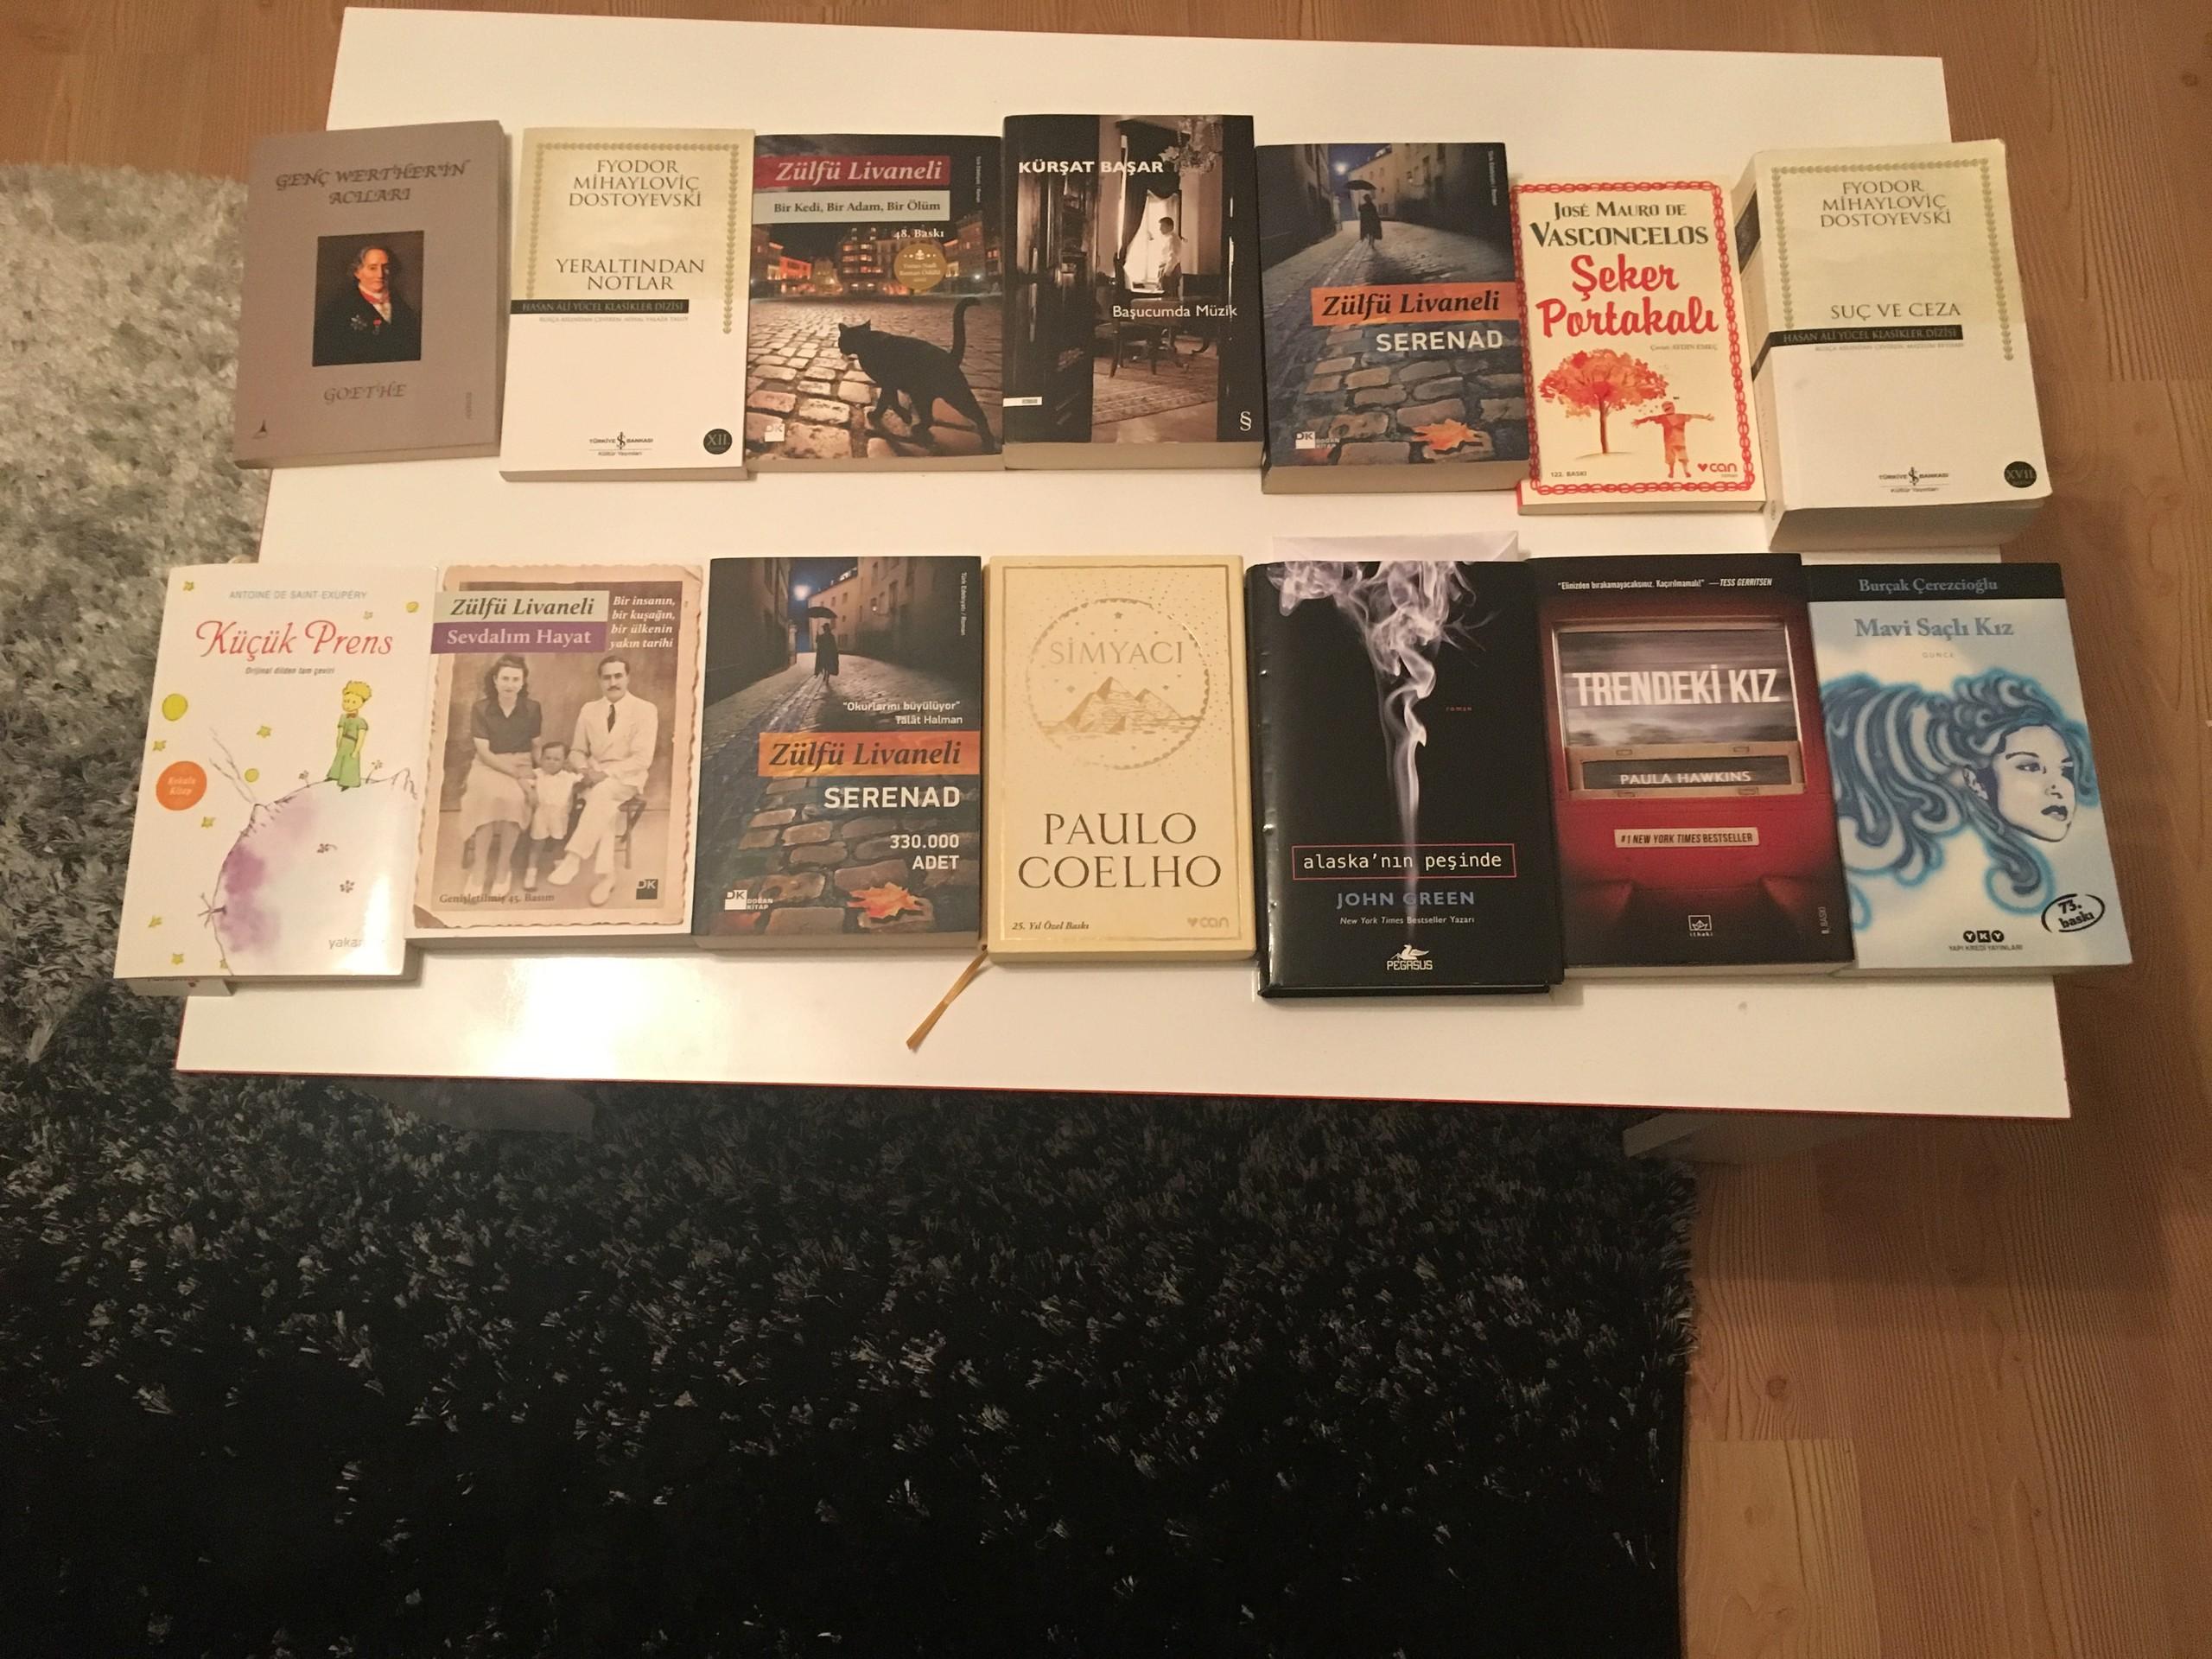 okuma kitaplarimi satmak istiyorum nereye satabilirim kizlarsoruyor